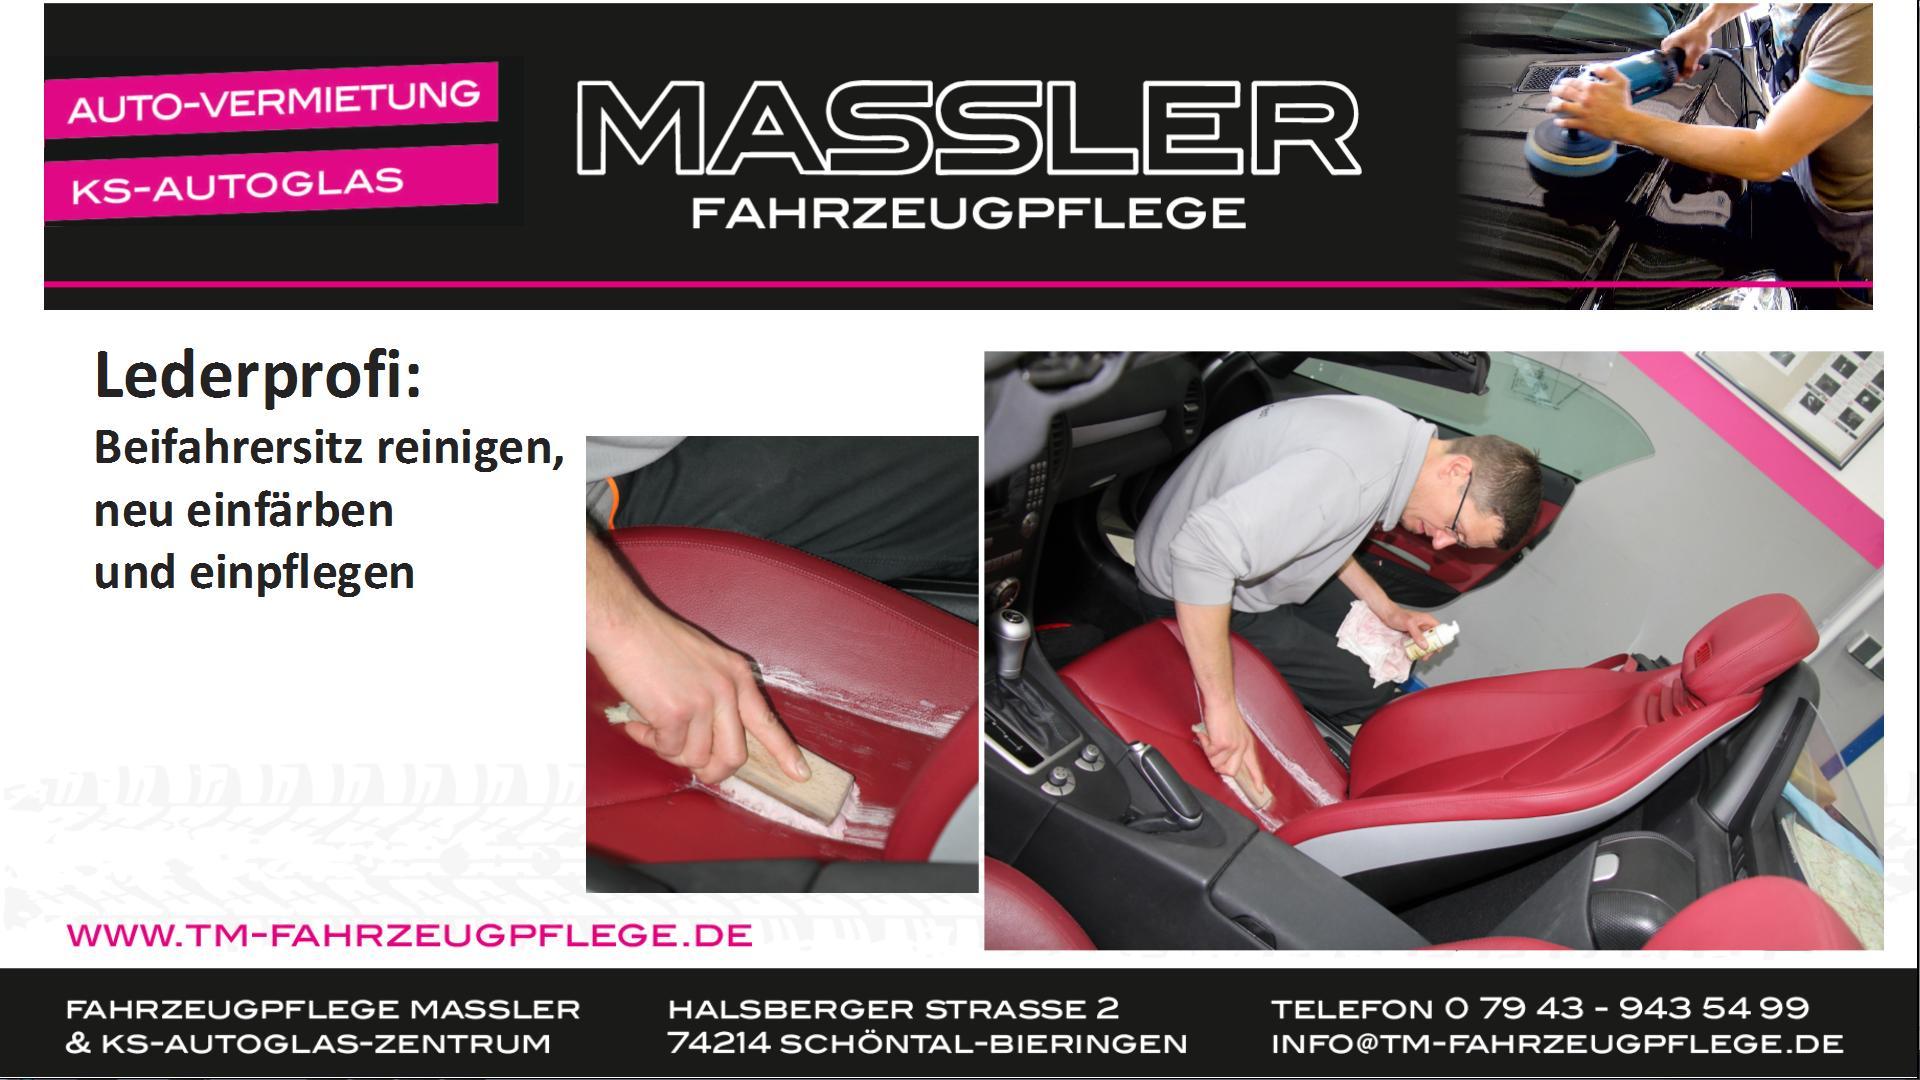 Lederprofi bei Fahrzeugpflege Massler